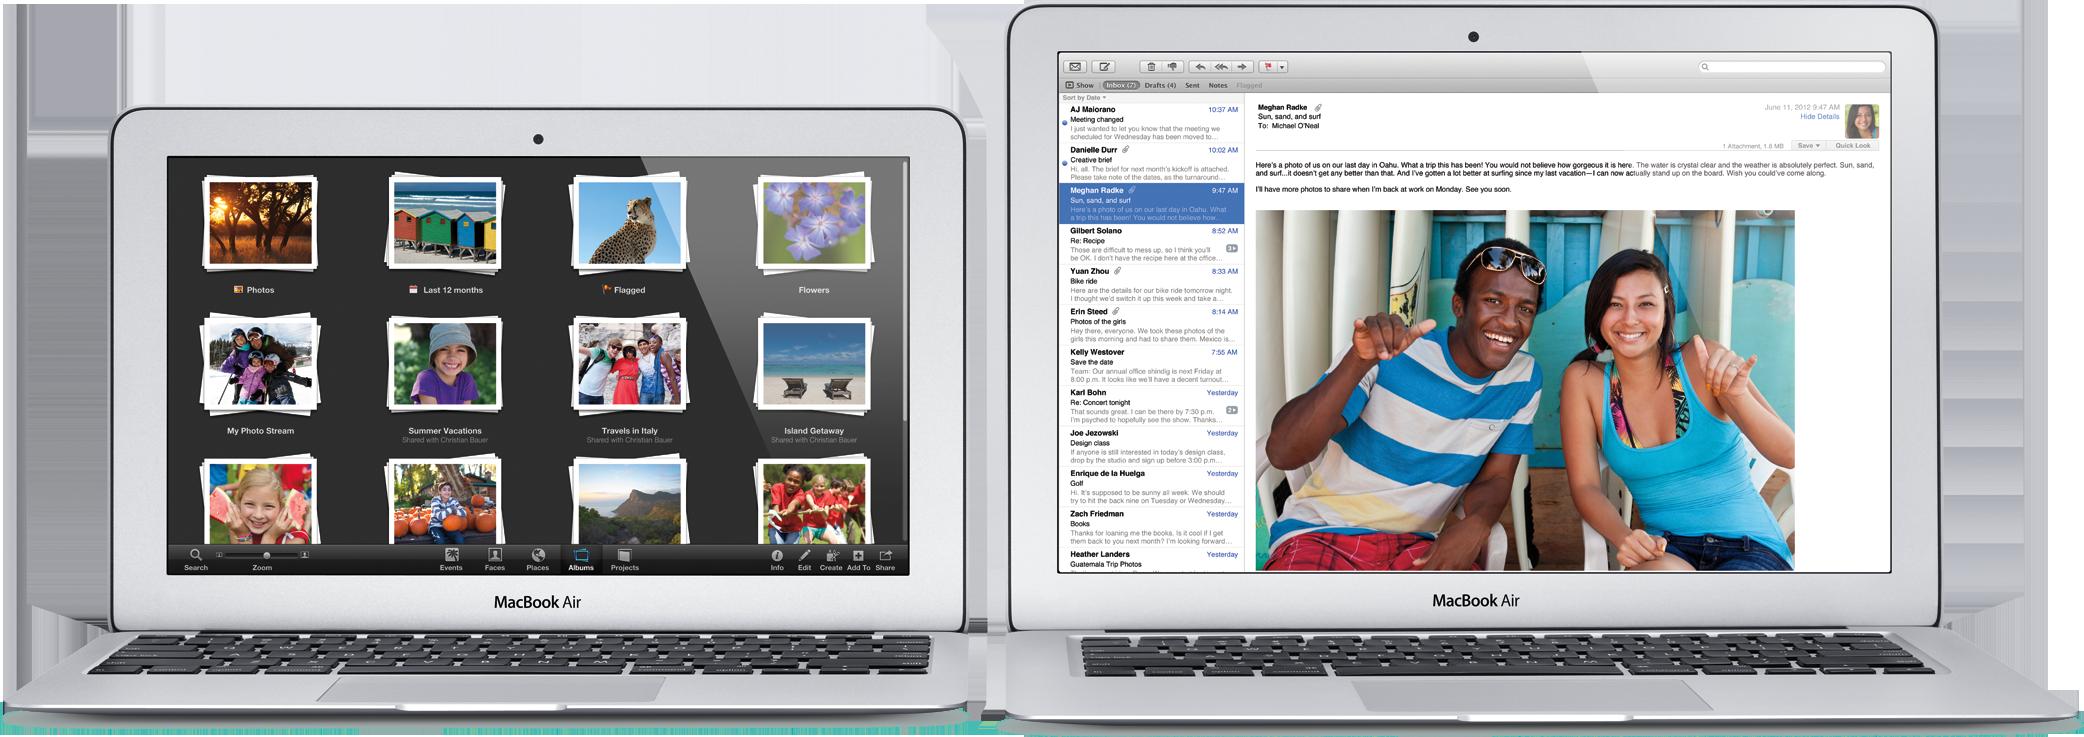 Novos MacBooks Air de 11 e 13 polegadas de frente